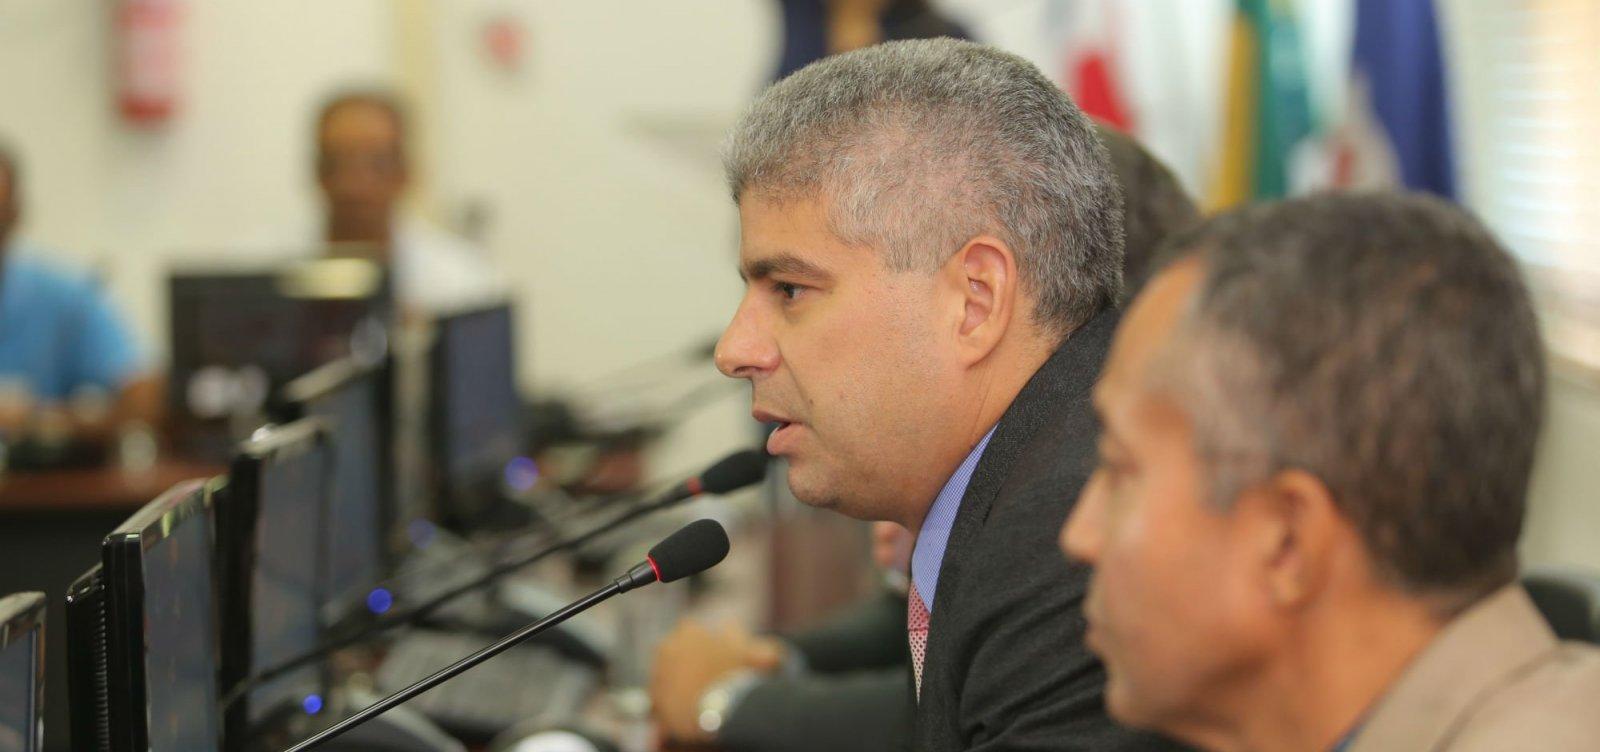 Corregedoria vai ouvir policiais encontrados na sede da Aspra durante operação, diz SSP